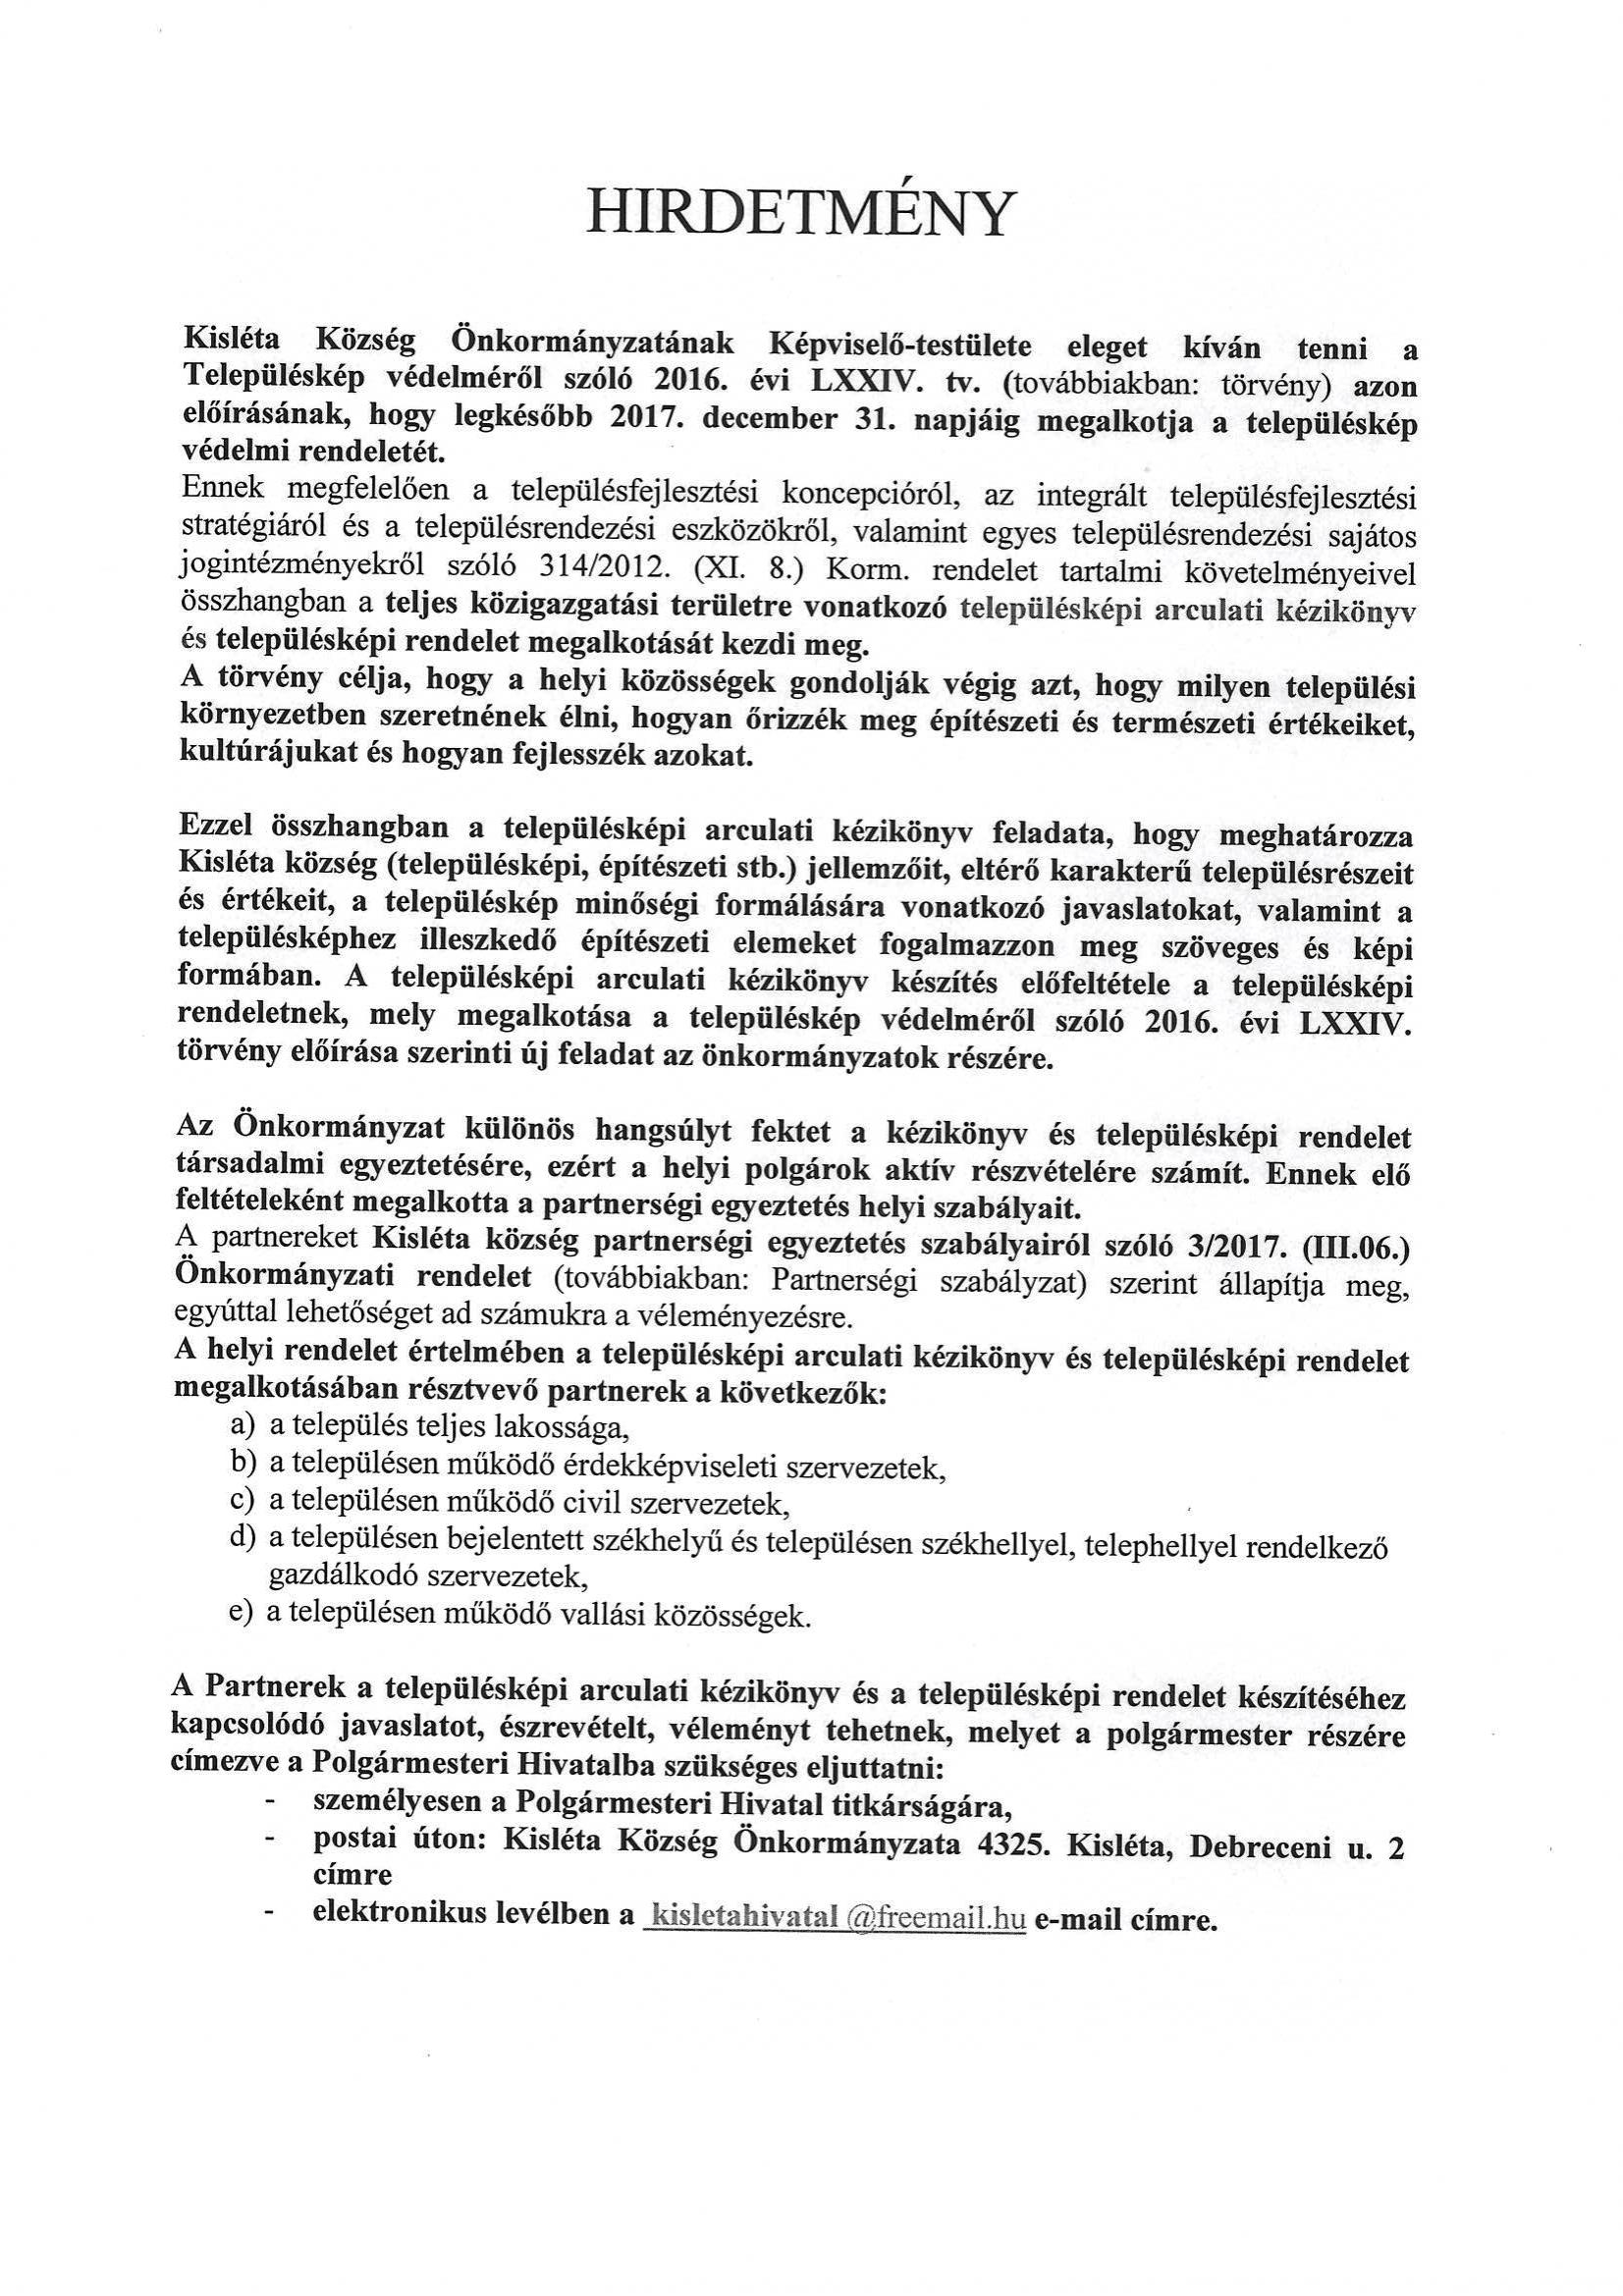 Településkép védelmi rendelet-1